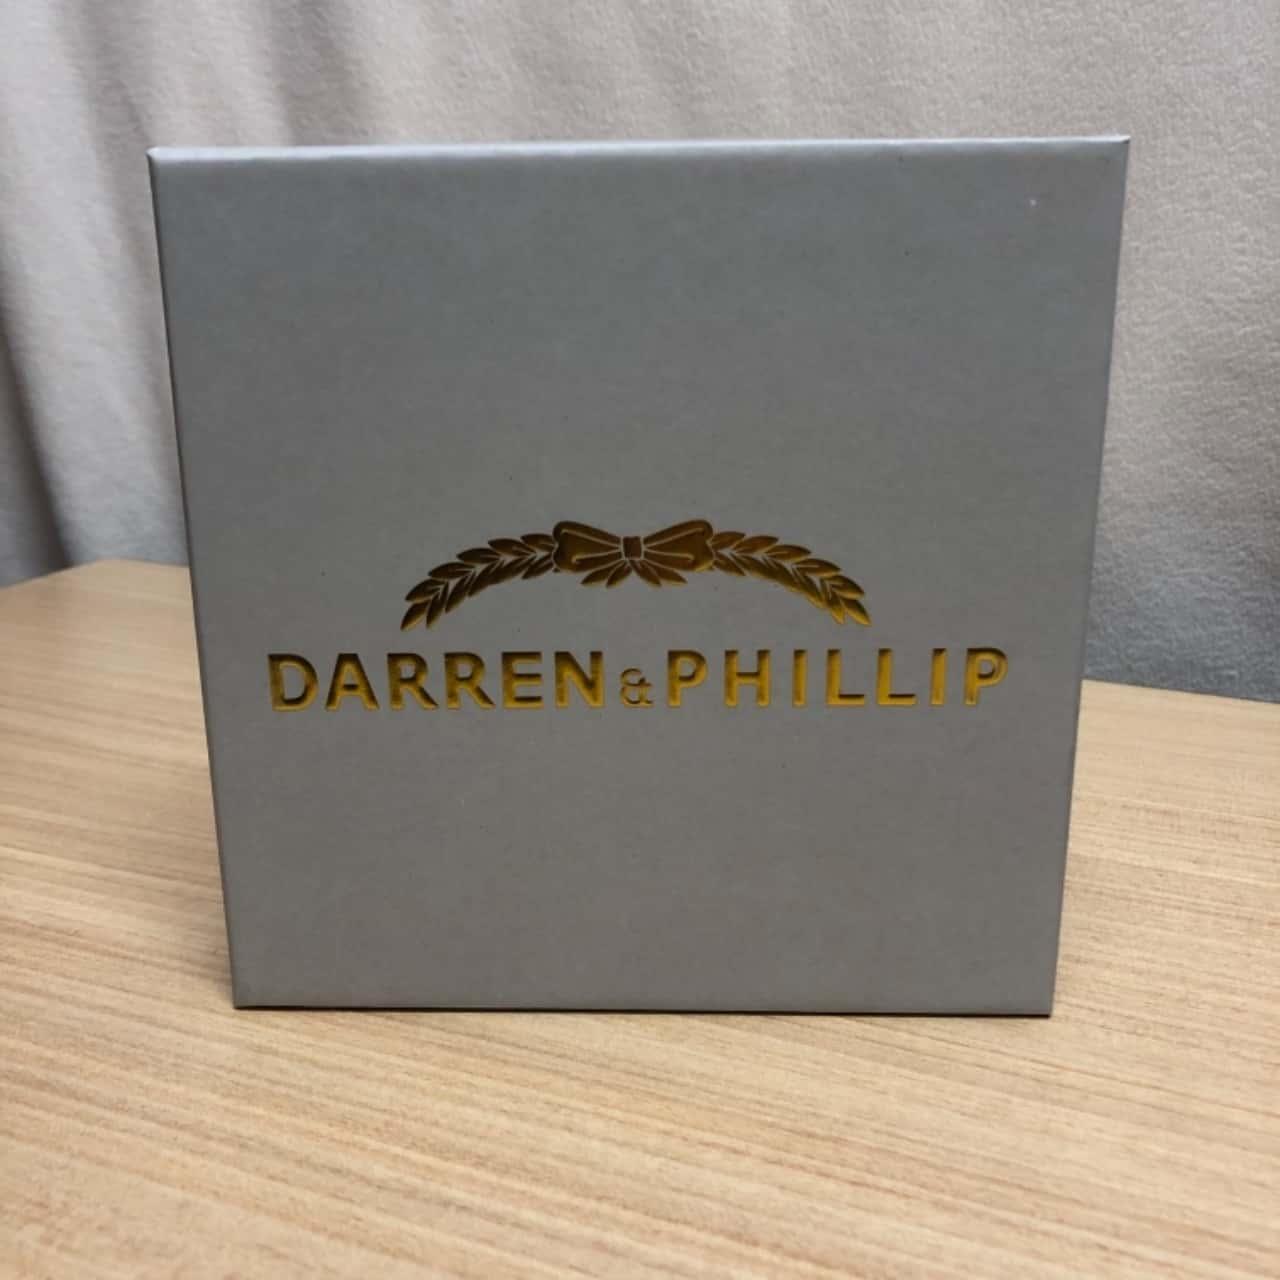 Darren & Phillip dog lead and collar Brand new in box